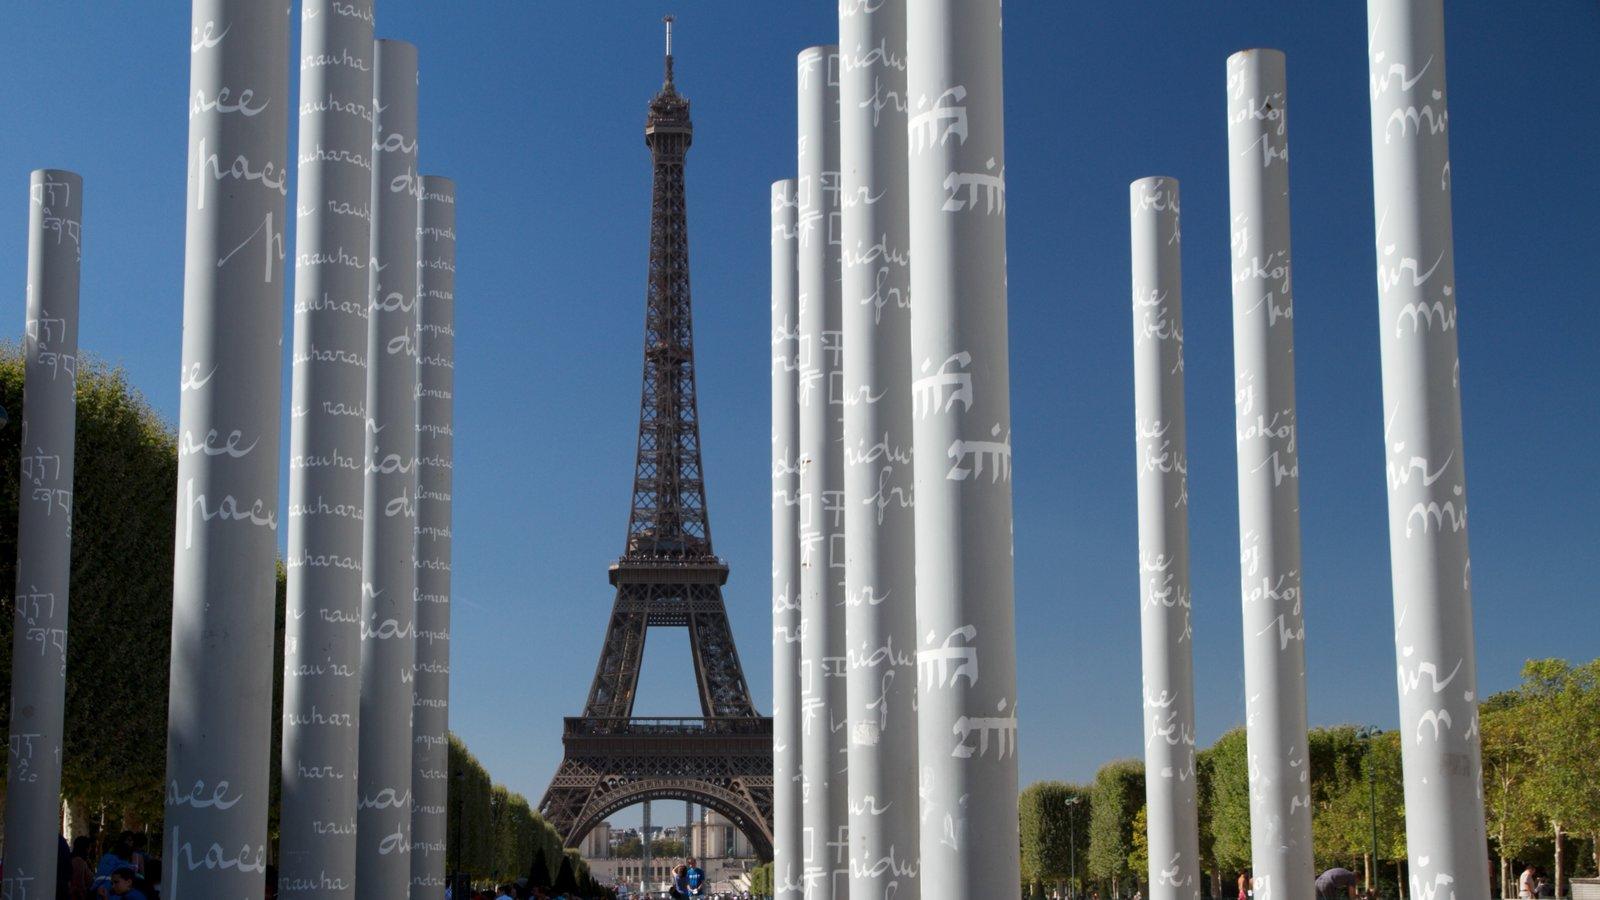 Torre Eiffel mostrando linha do horizonte, um monumento e arte